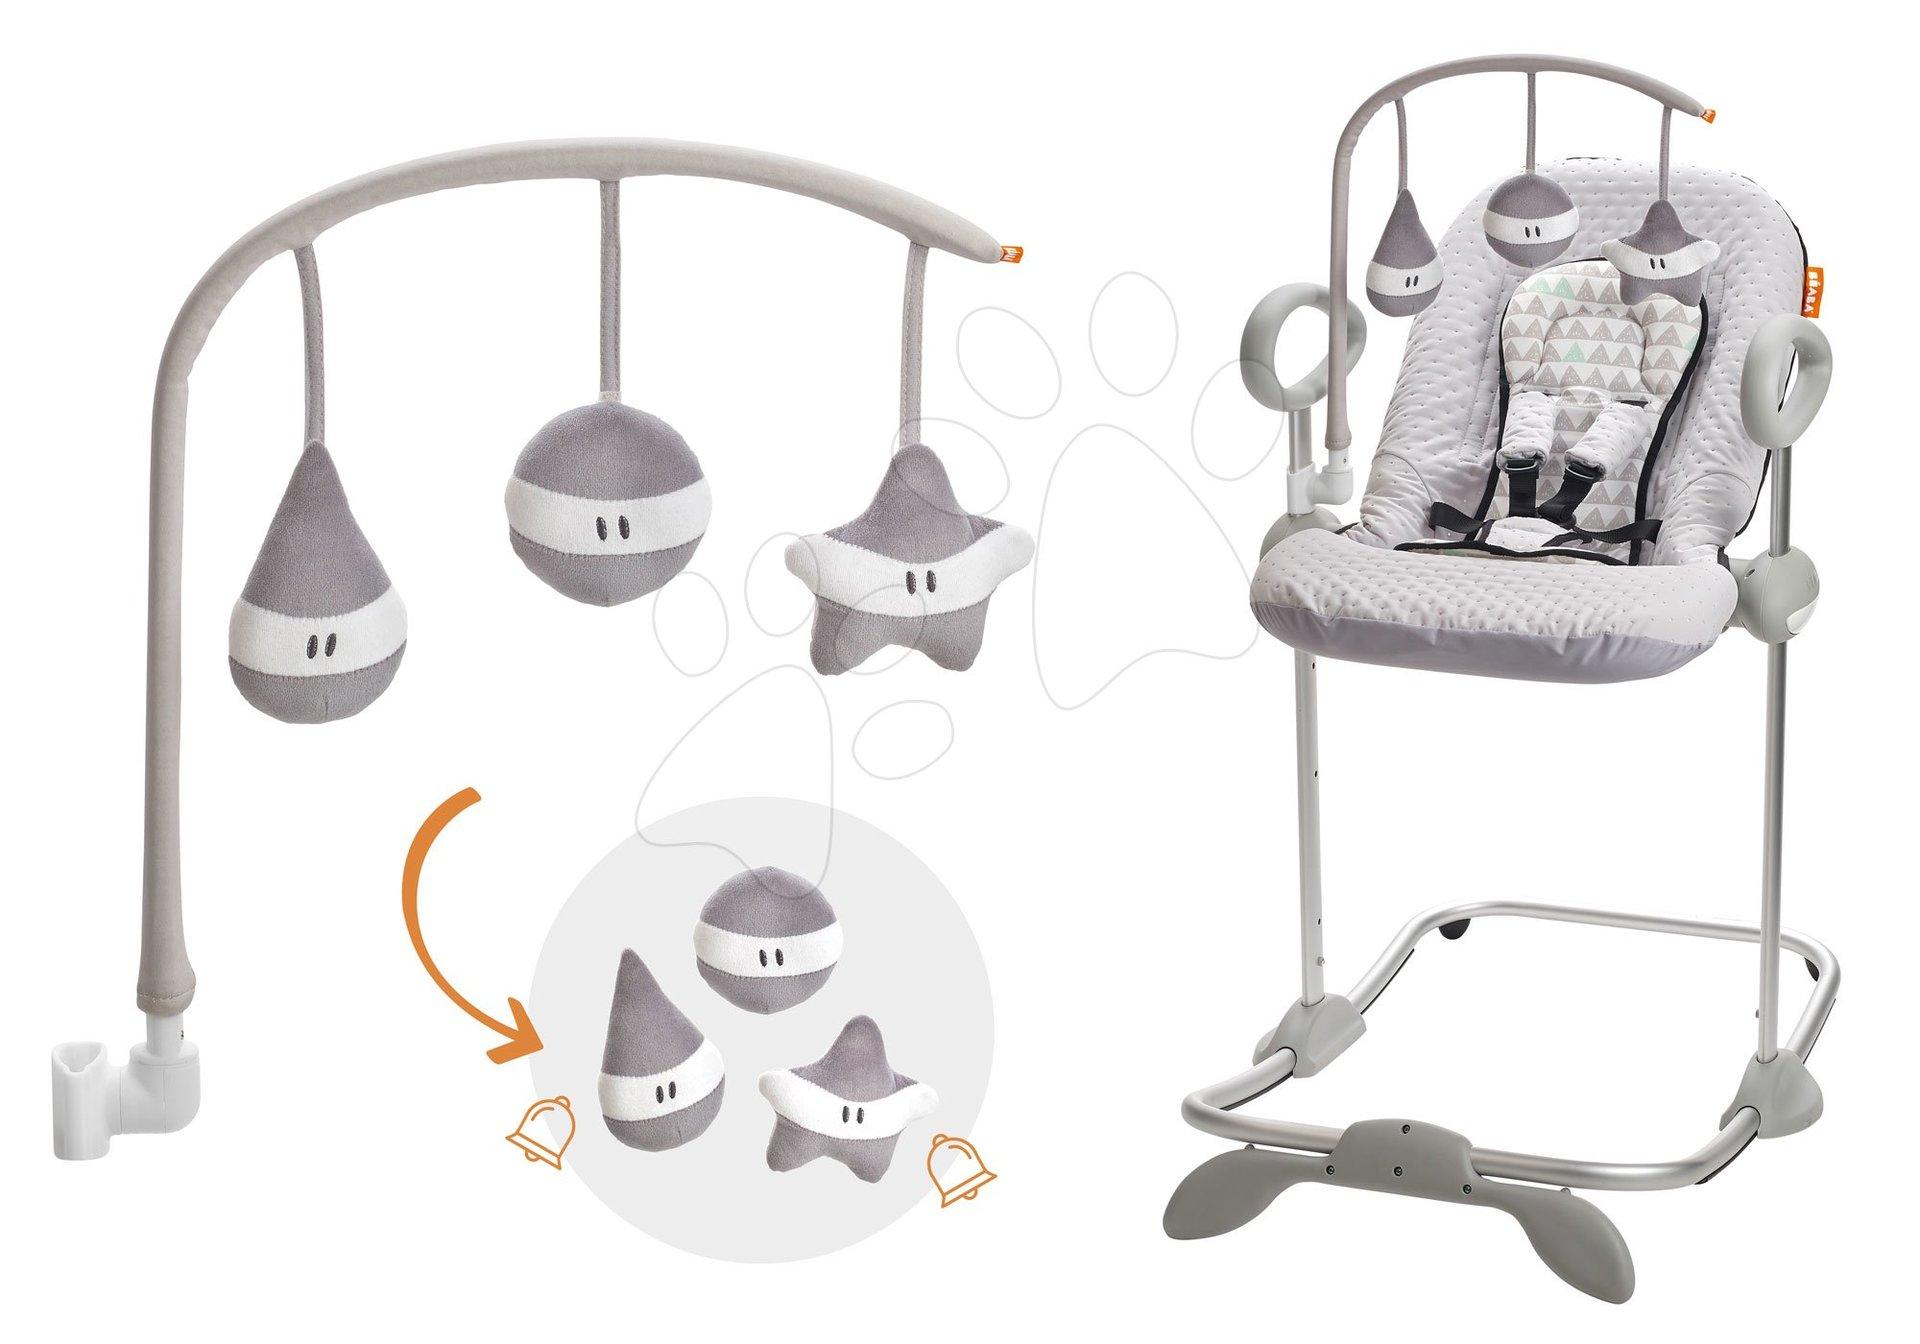 Set detské polohovateľné lehátko Up & Down II Beaba šedé od 0 mesiacov a kolotoč nad lehátko Beaba Play šedé ako darček